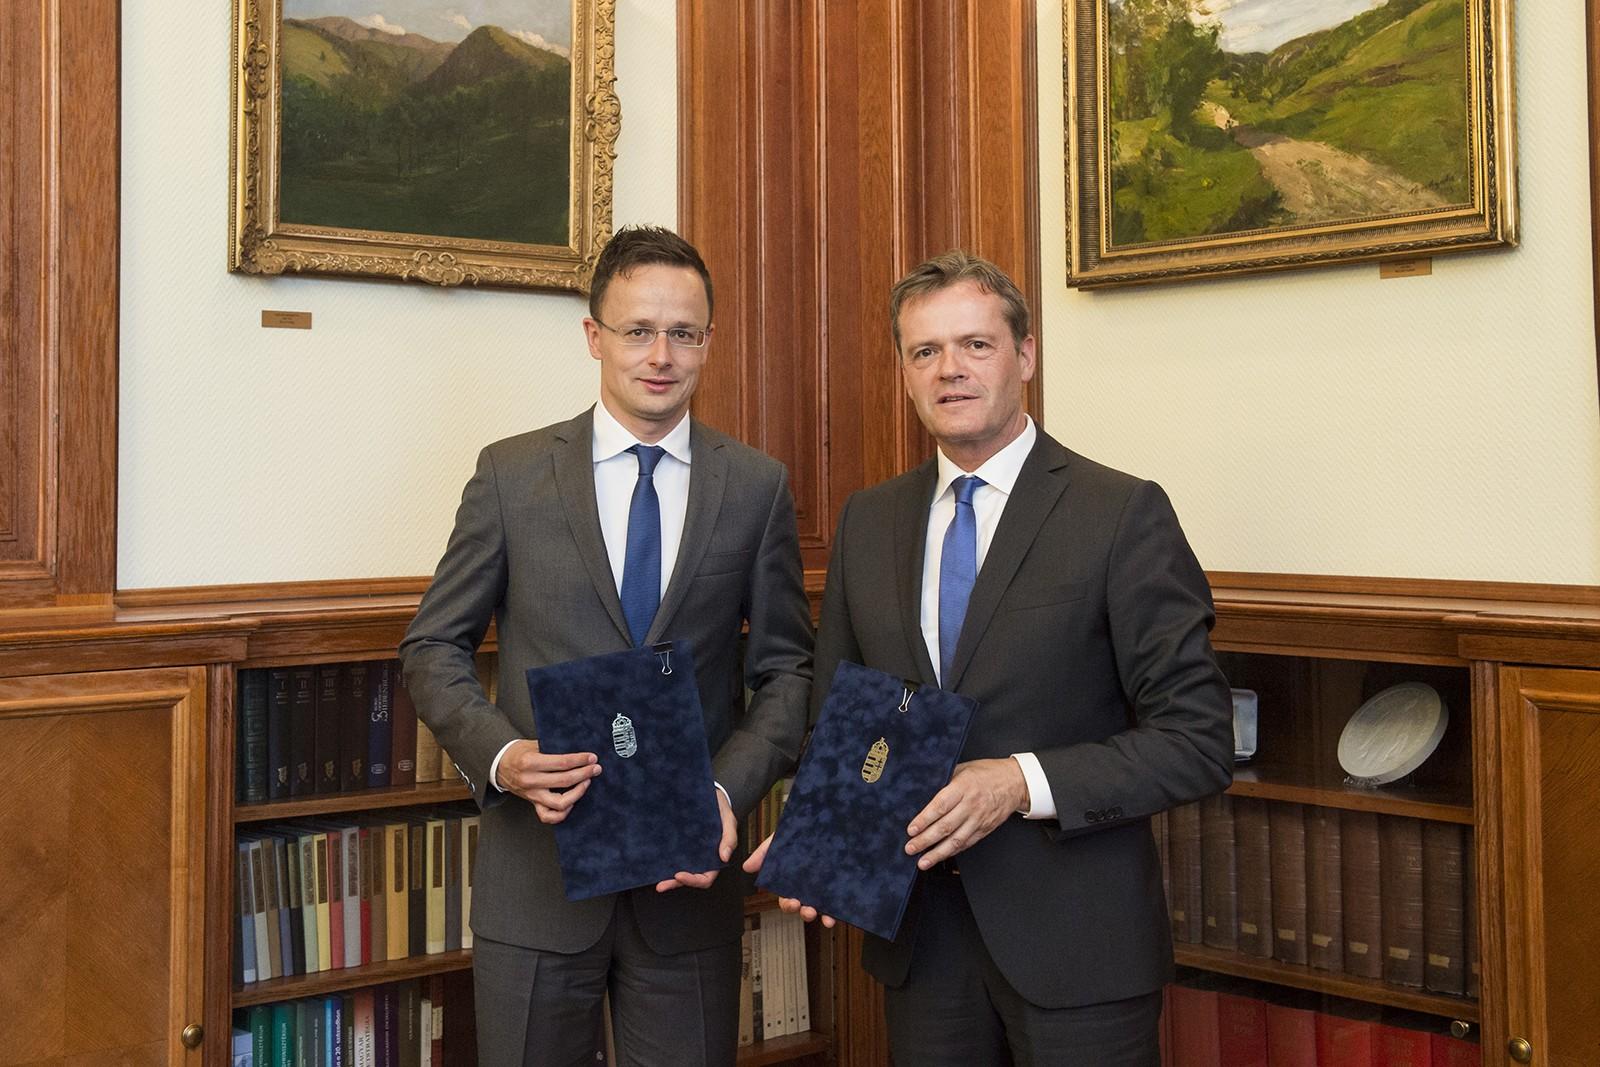 На фото: Маркус Шефер и министр иностранных дел и внешней торговли Венгрии Петер Сийярто (слева)